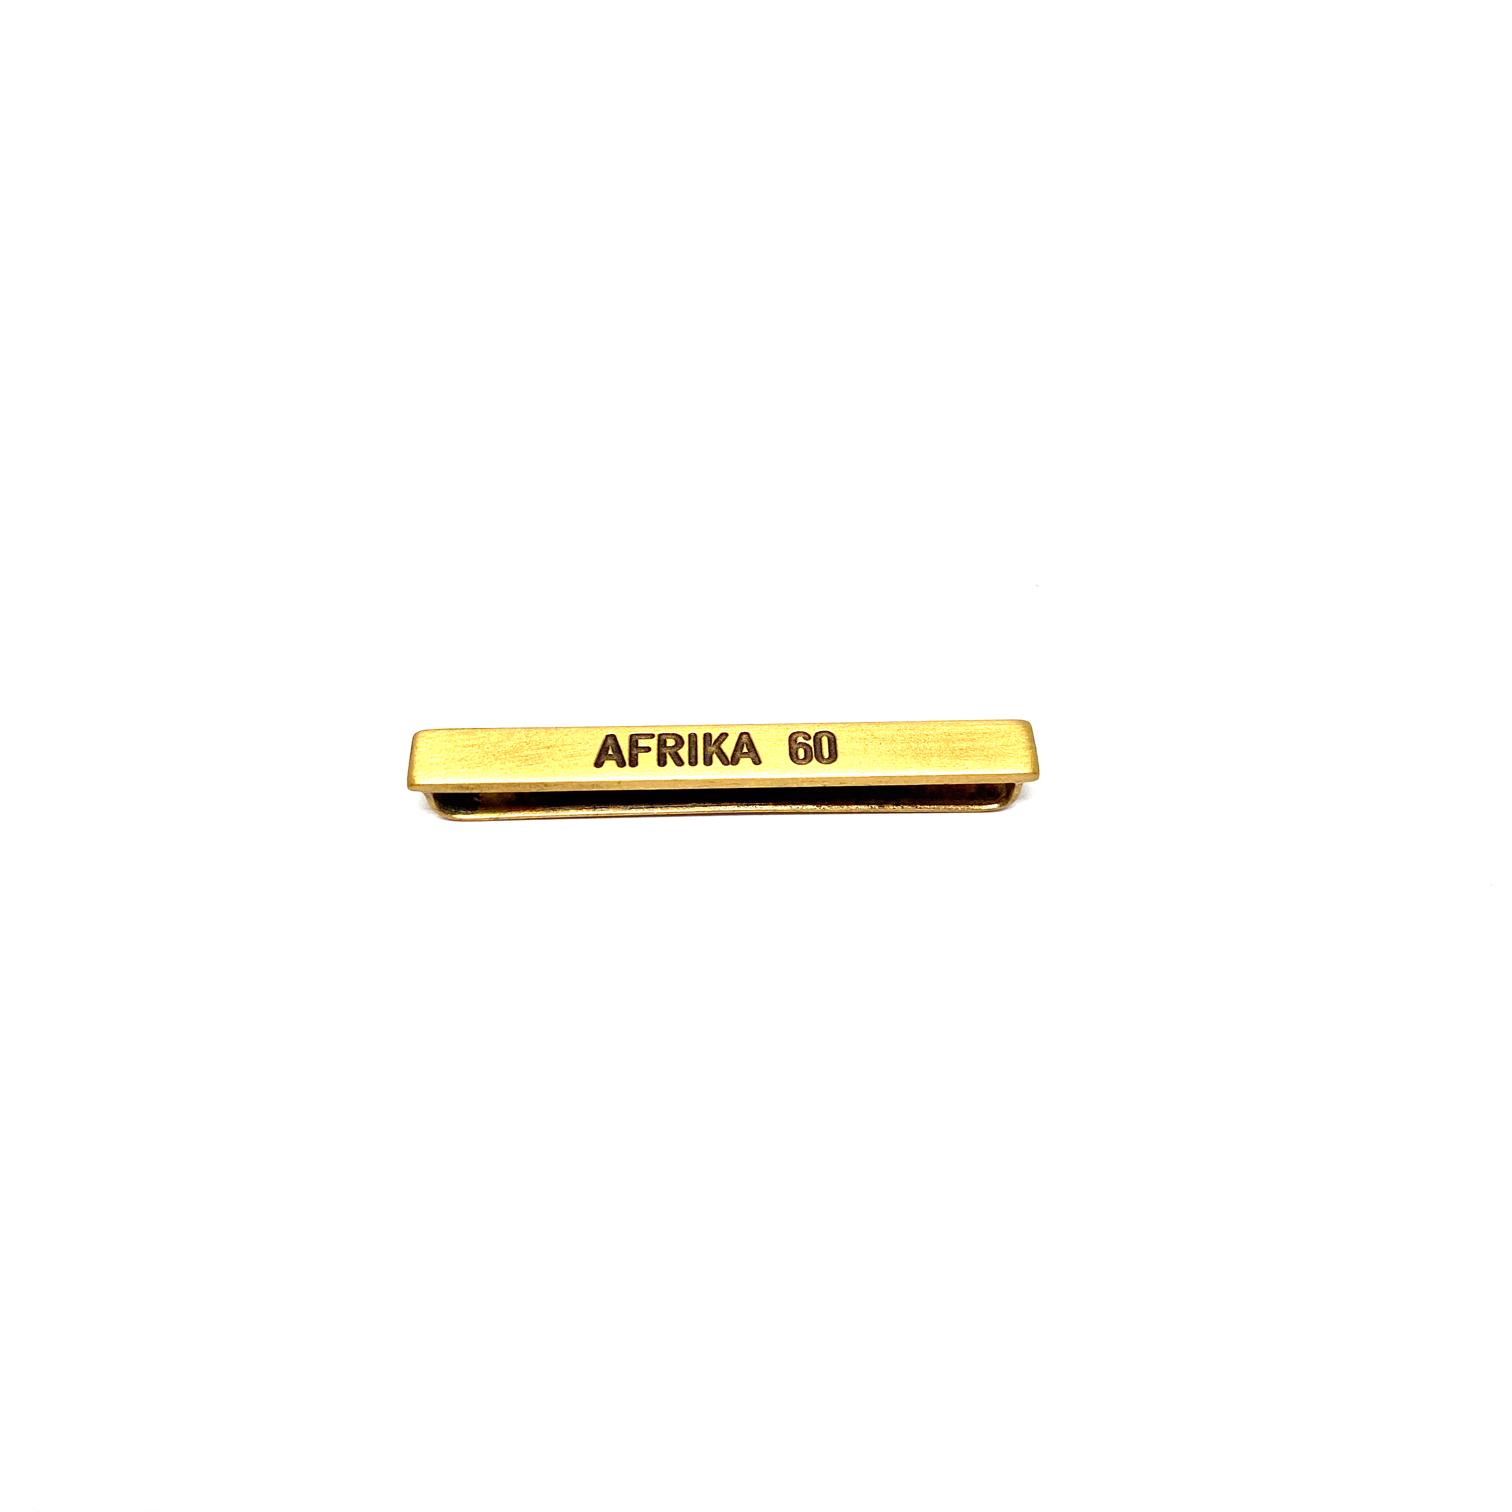 Baret Afrika 60 voor militaire eretekens